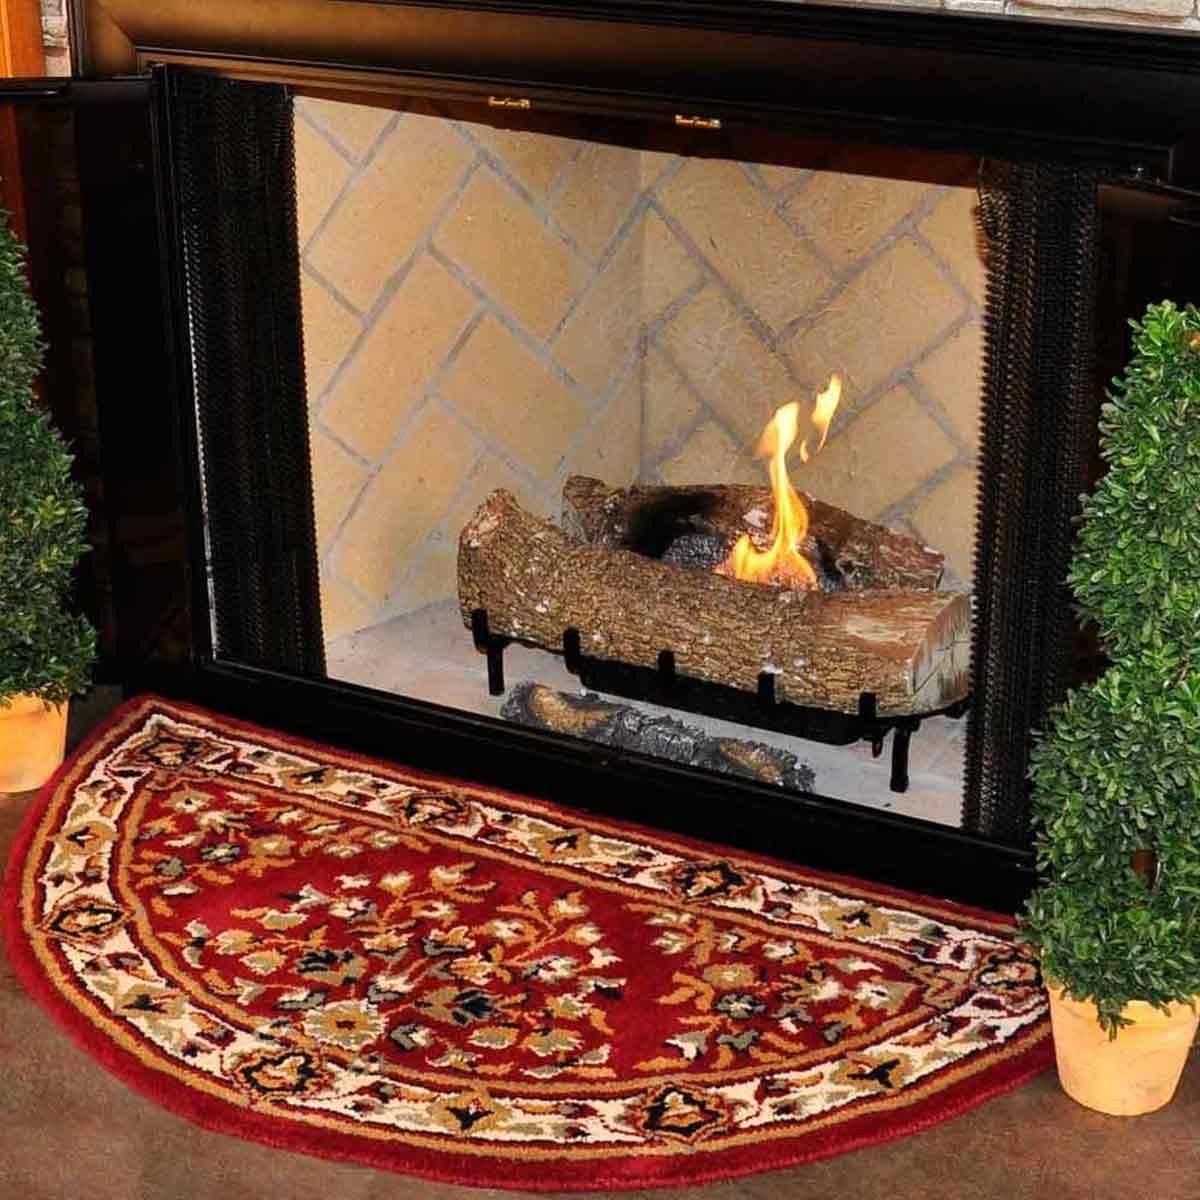 44 Half Round Burgundy Oriental Fireplace Rug Fireplace Rugs Round Kitchen Rugs Fireplace